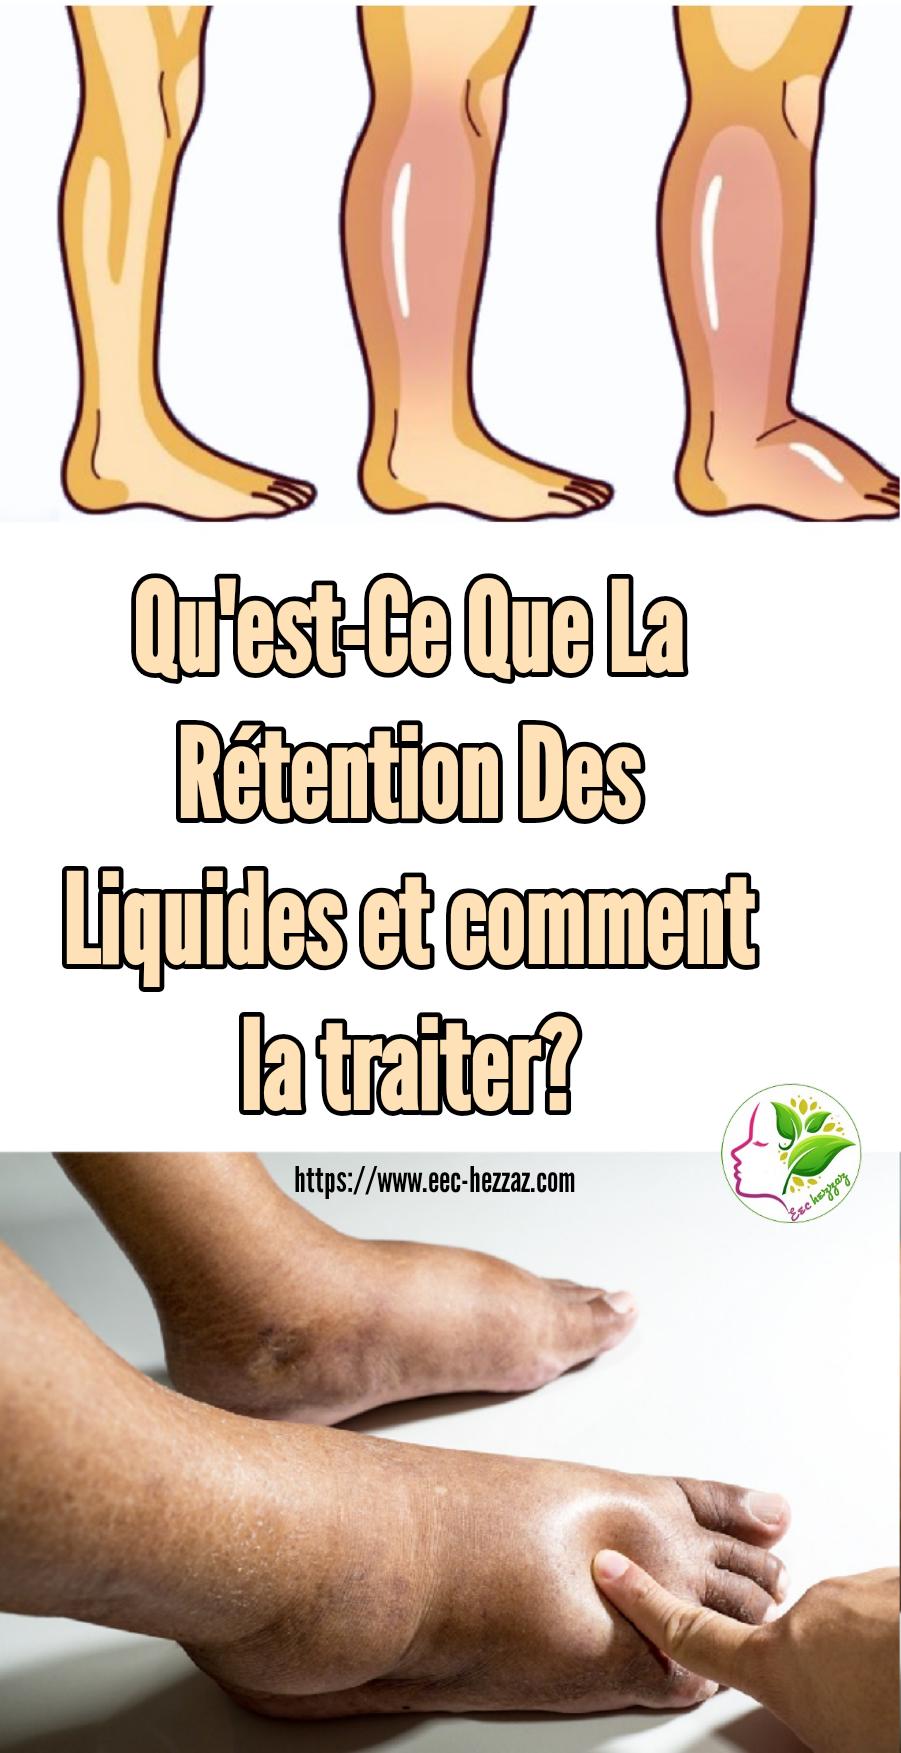 Qu'est-Ce Que La Rétention Des Liquides et comment la traiter?